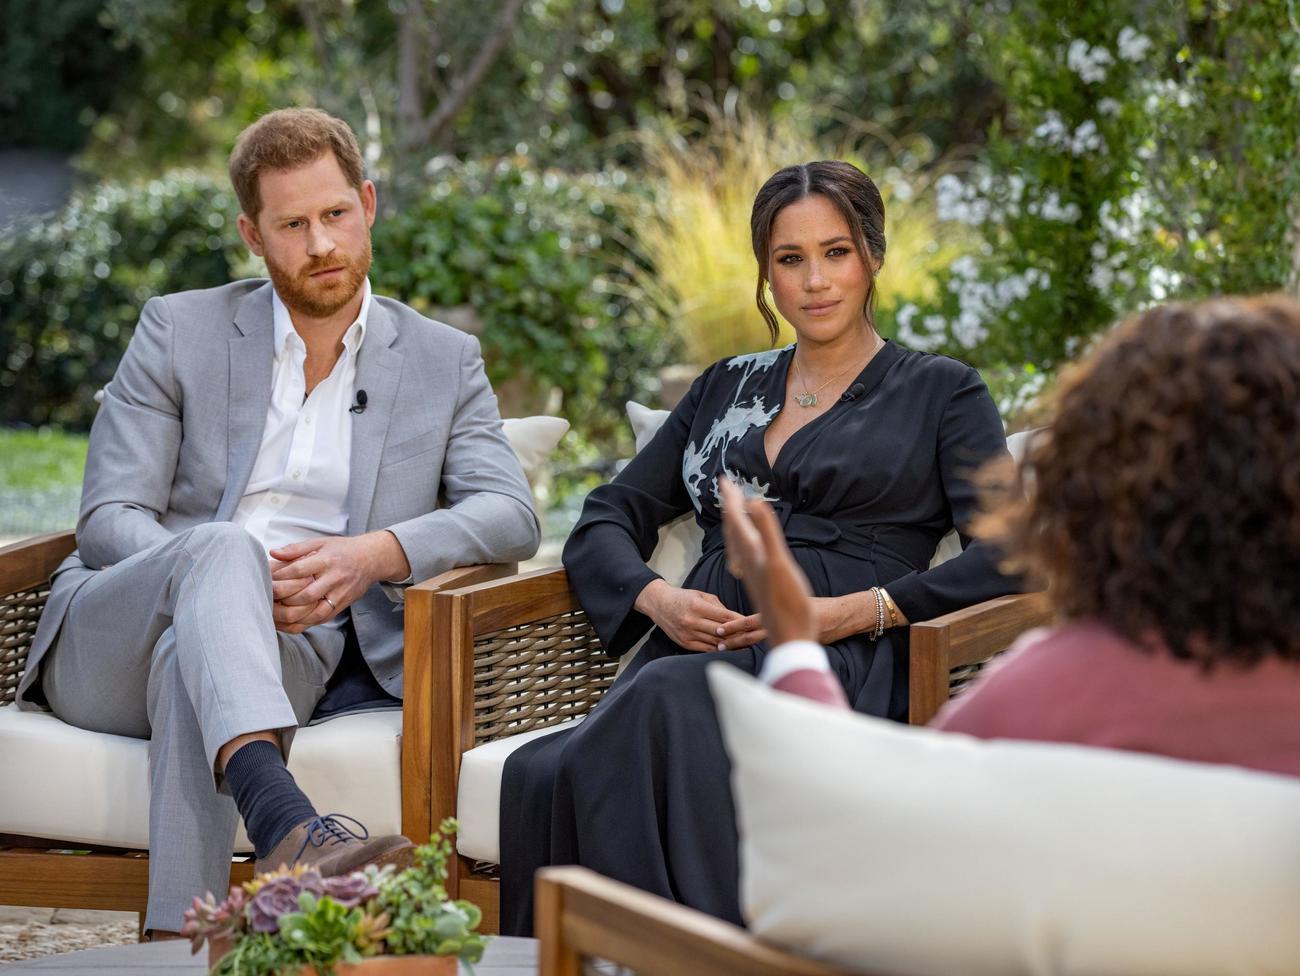 オプラ・ウィンフリーのインタビューに応じるヘンリー王子とメーガン妃(ロイター)